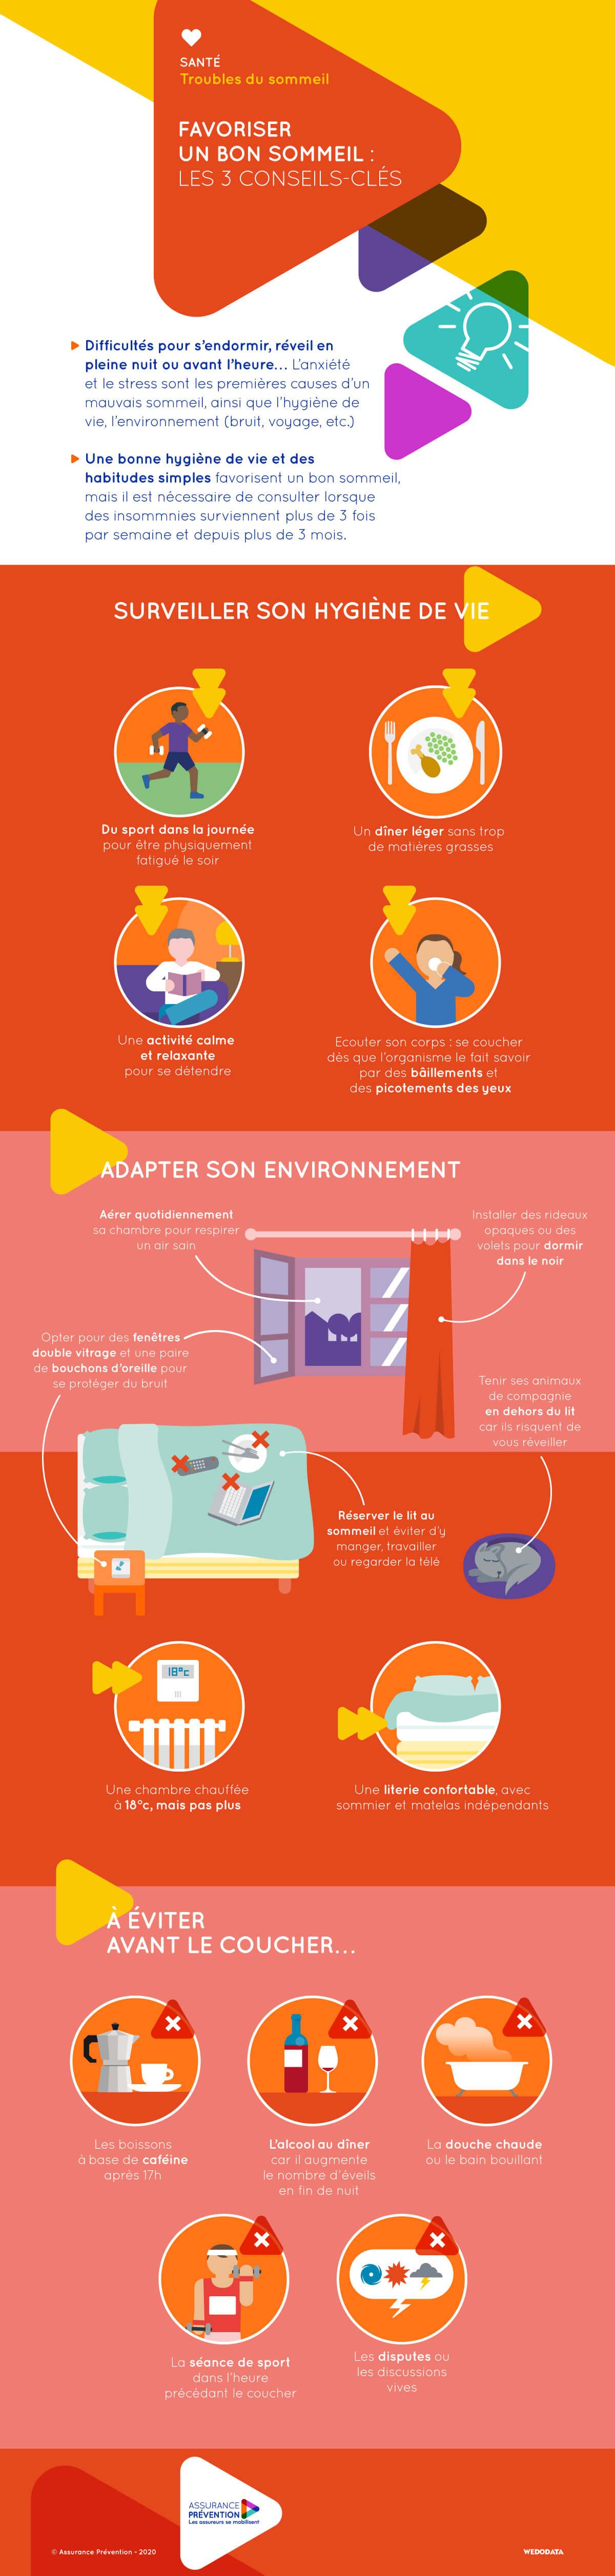 Favoriser un bon sommeil, 3 conseils clés Infographie